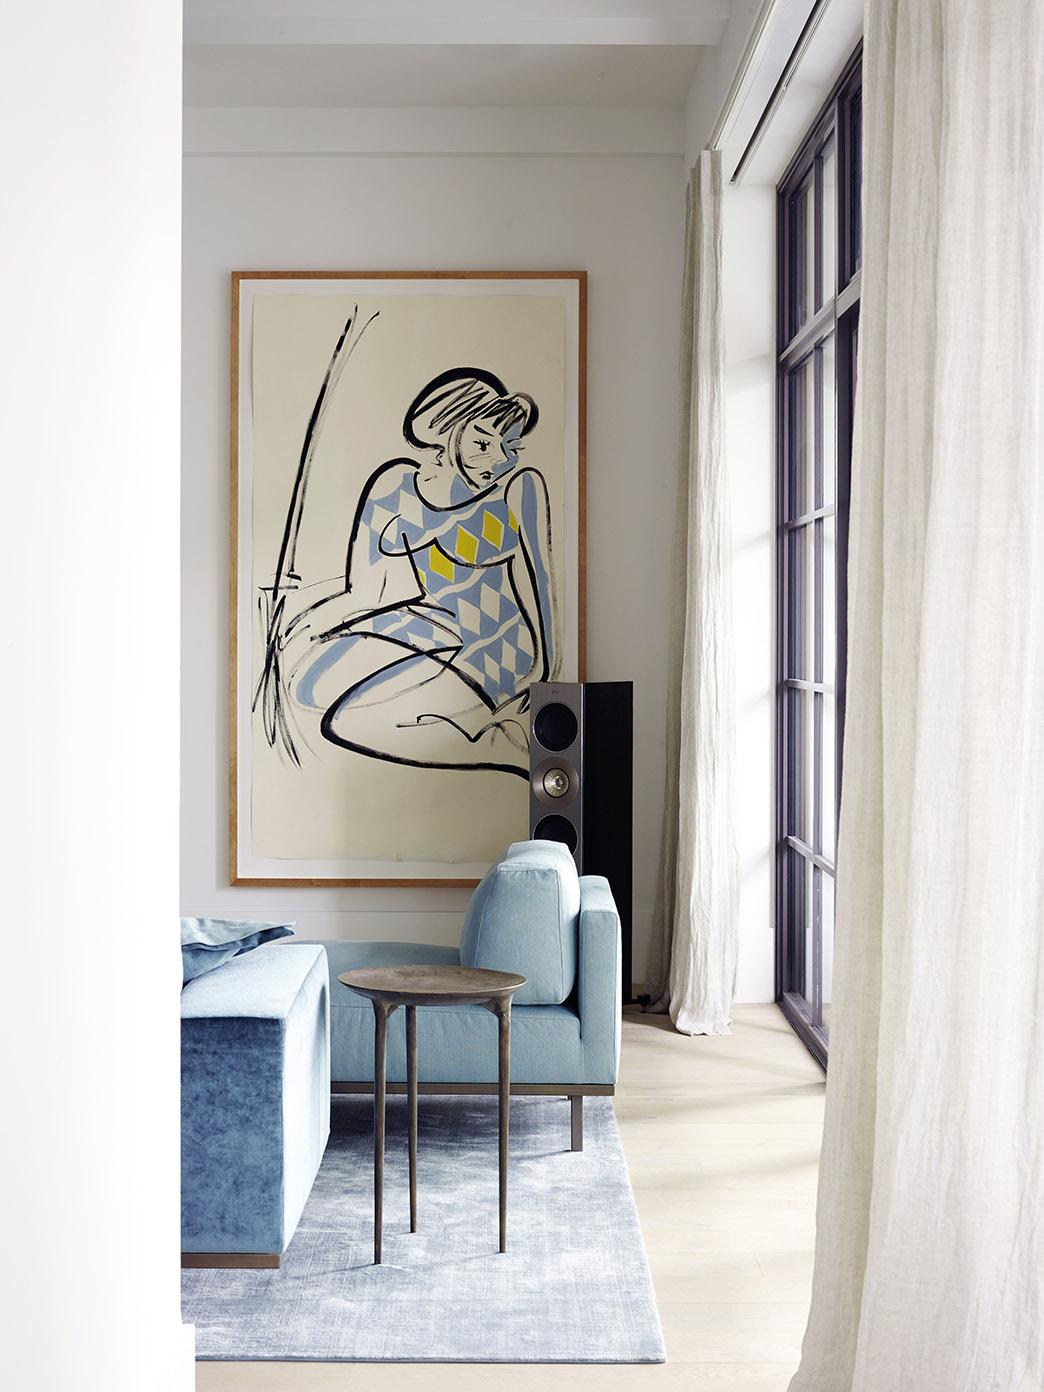 DON armchair and sofa at metropolitan penthouse